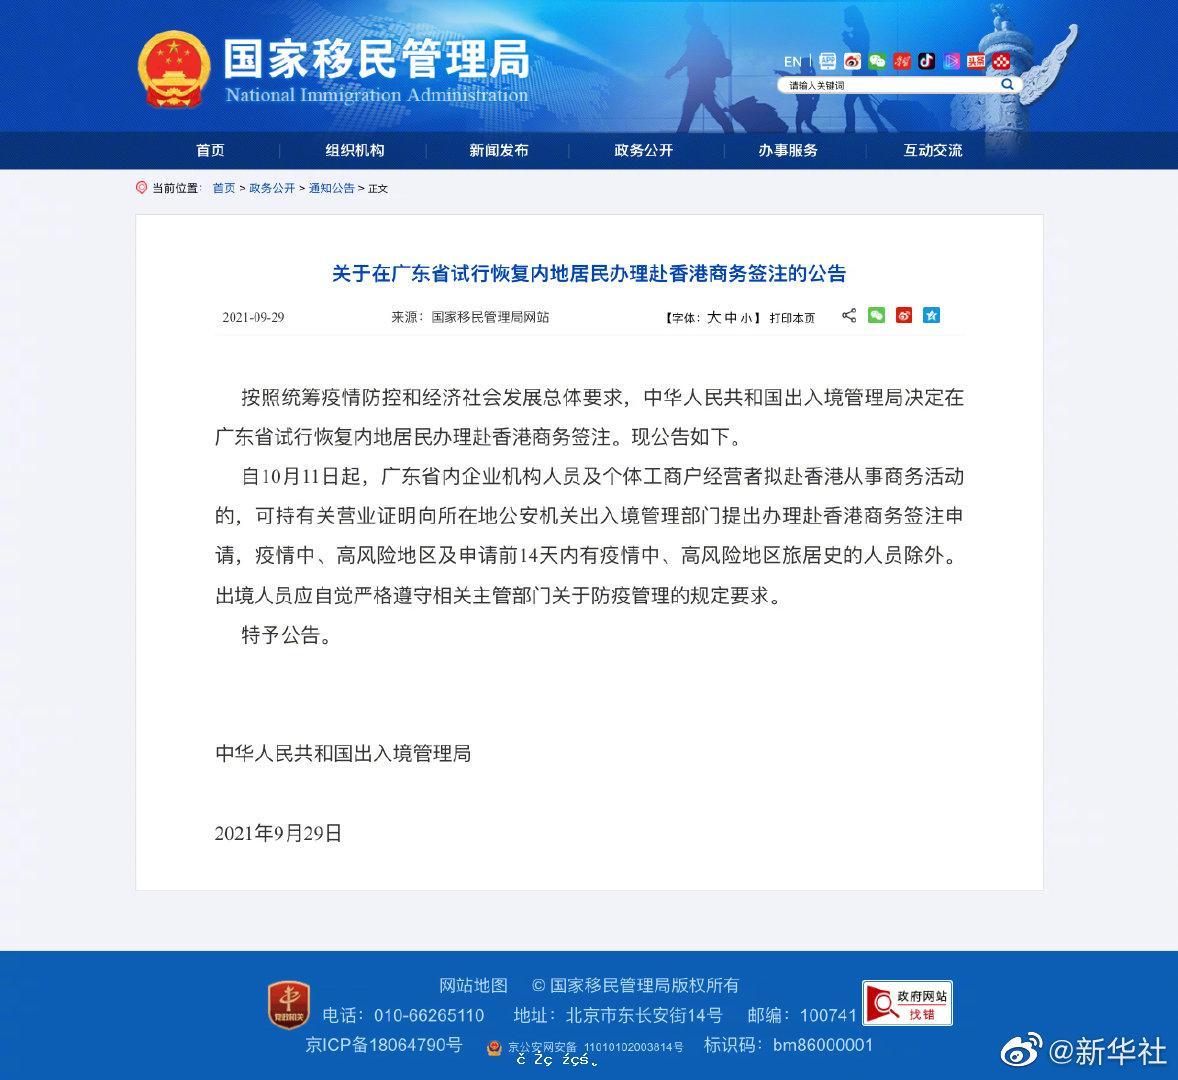 廣東明起試行恢復辦理赴港商務簽注